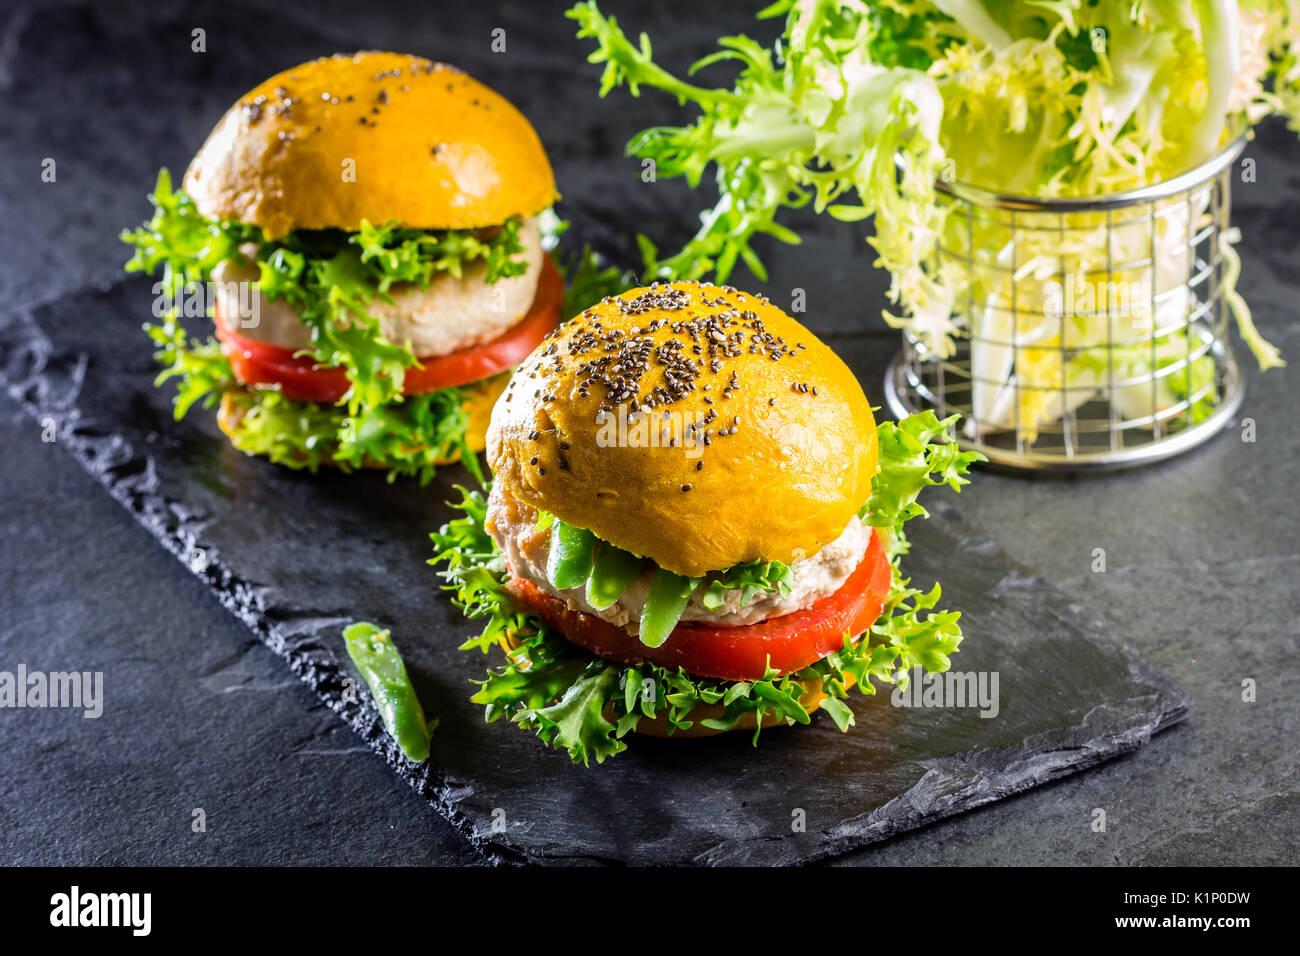 Colorato di giallo hamburger. In casa americana hamburger di pollo hamburger con la curcuma curcuma e chia panini e verdure. Cibo alla moda. Close up, ardesia Immagini Stock